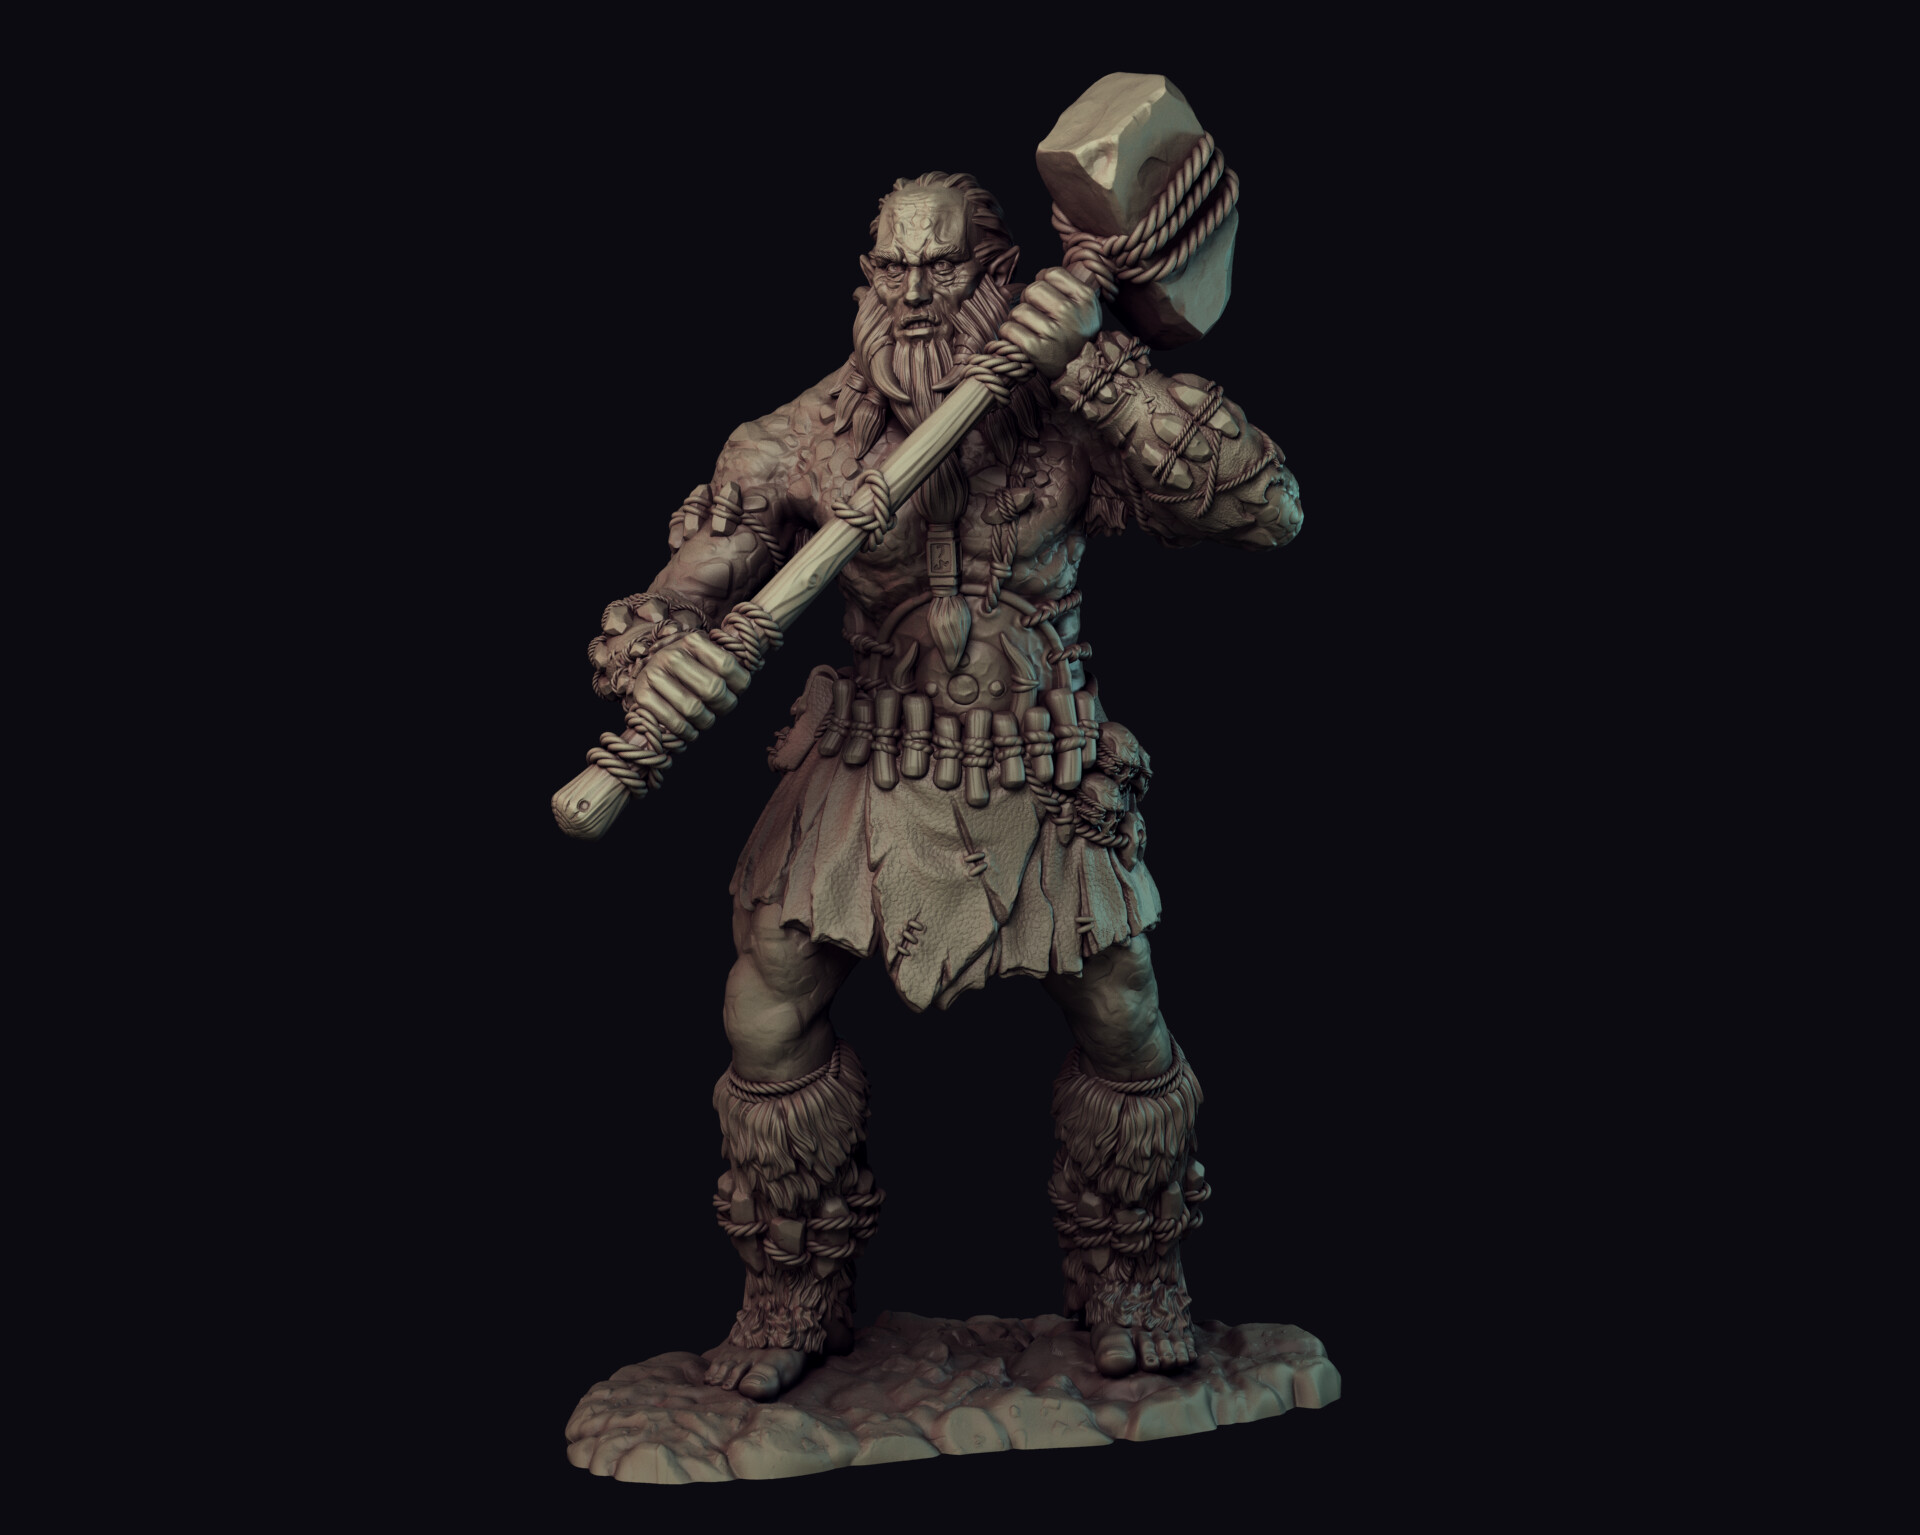 Artem bespalov stone guy01